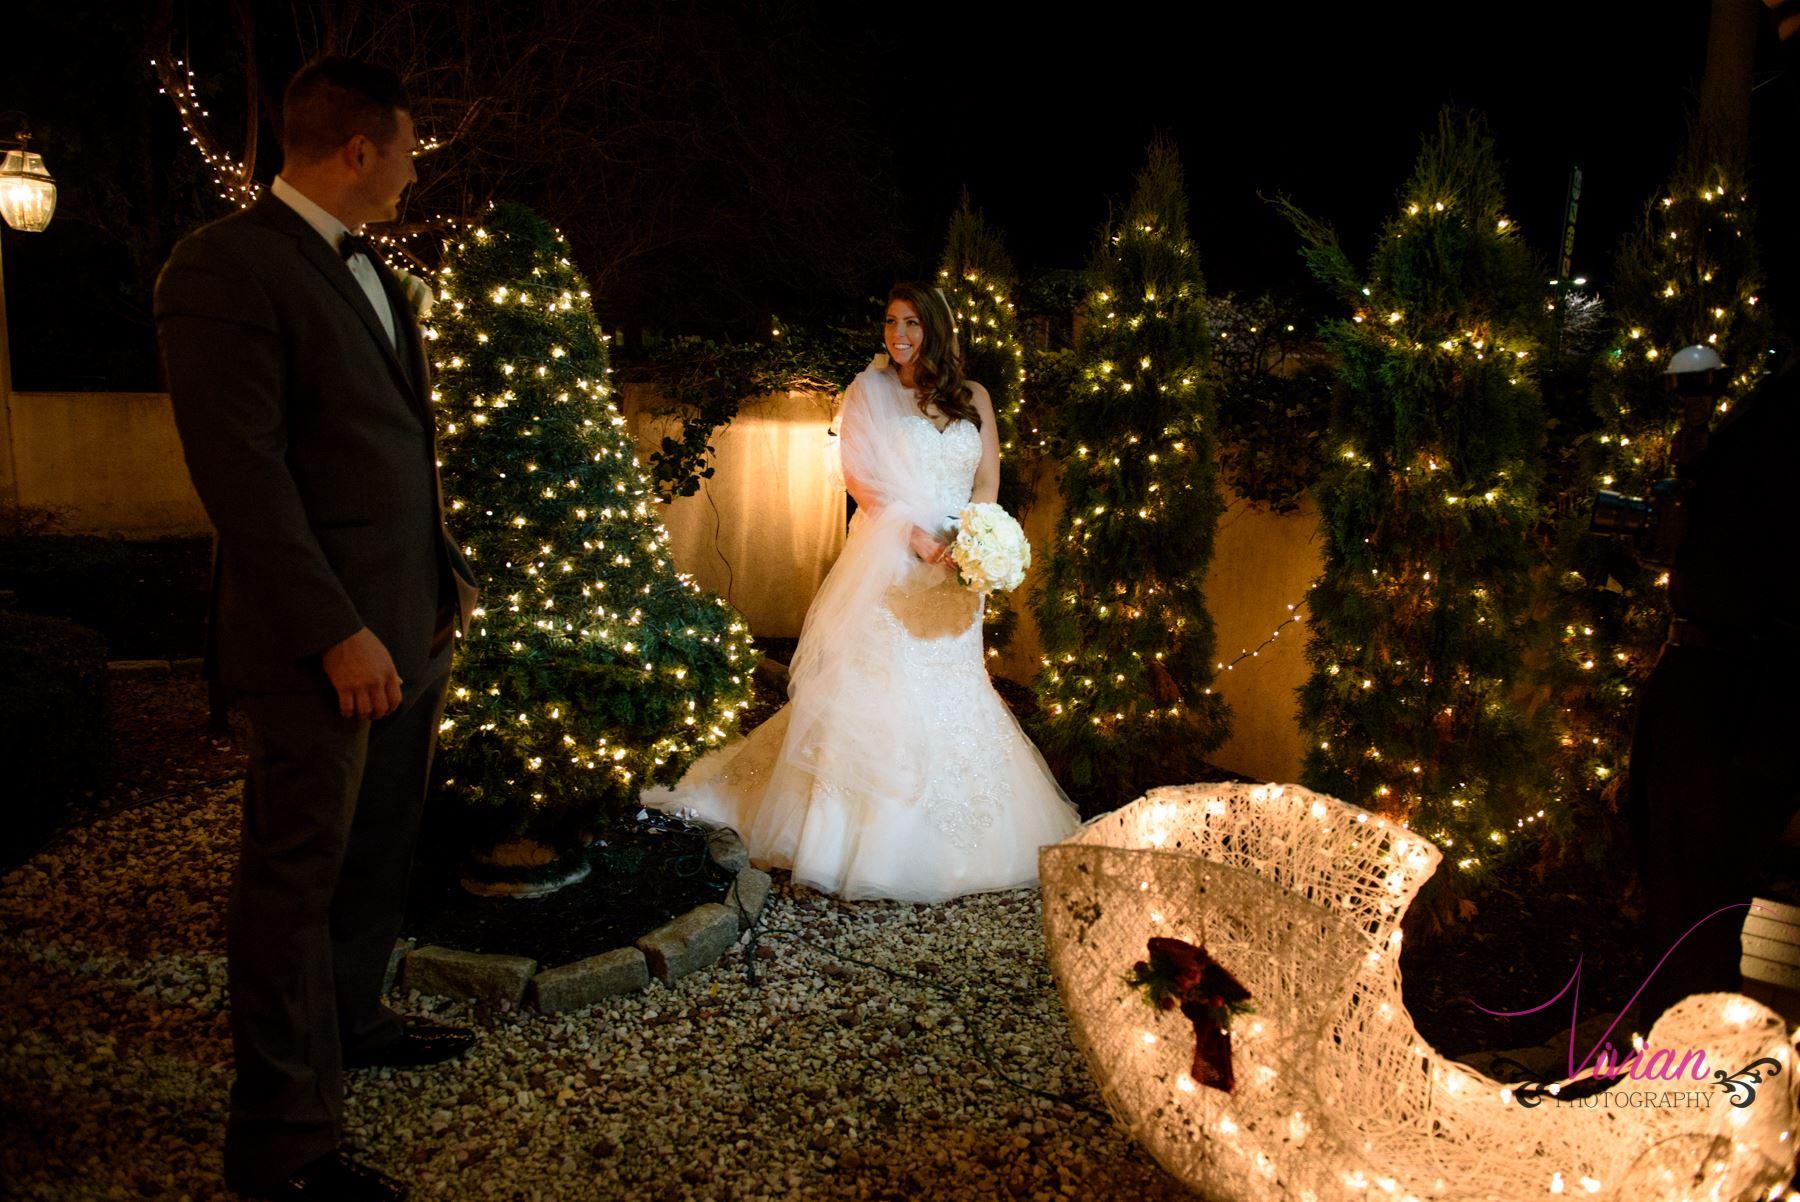 bride-groom-posing-in-christmas-tree.jpg